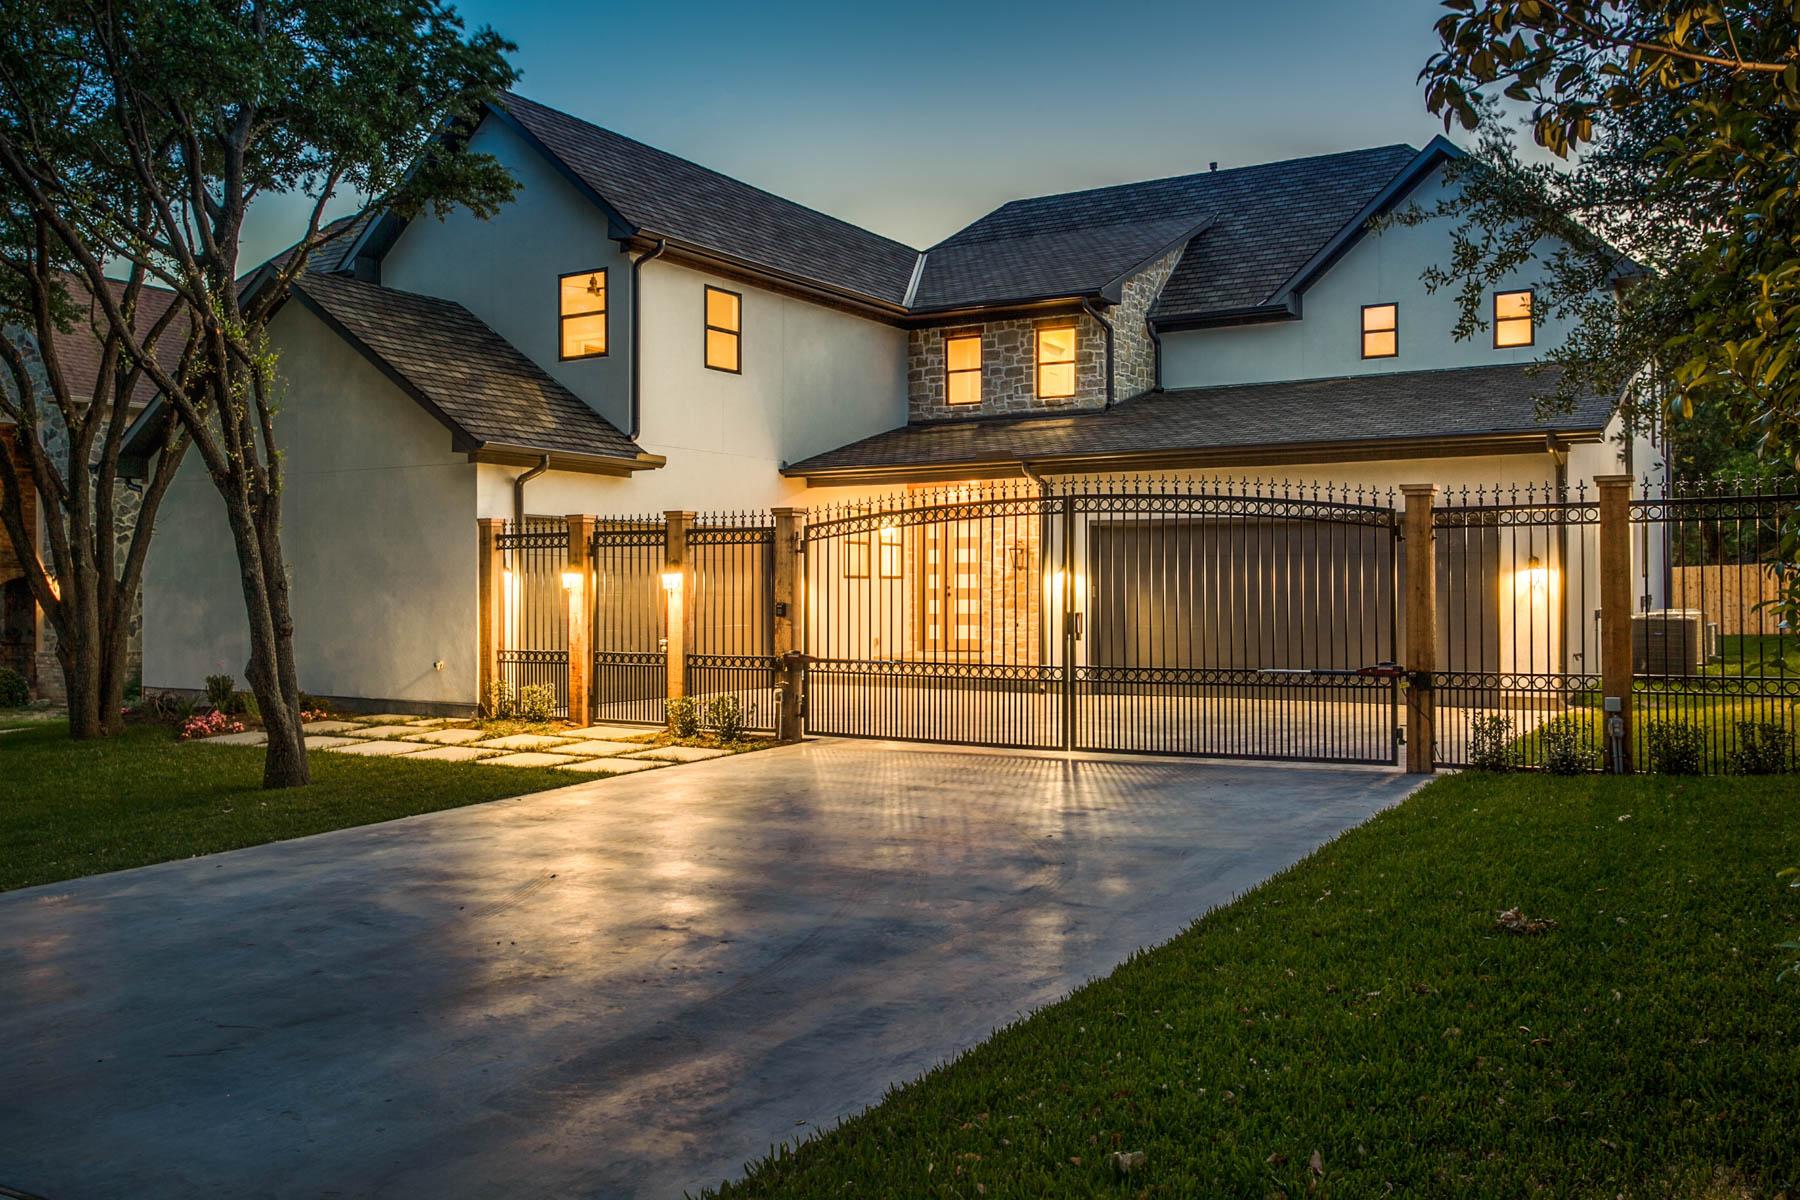 獨棟家庭住宅 為 出售 在 Stunning Midway Hollow Home 9415 Thornberry Ln Dallas, 德克薩斯州, 75220 美國